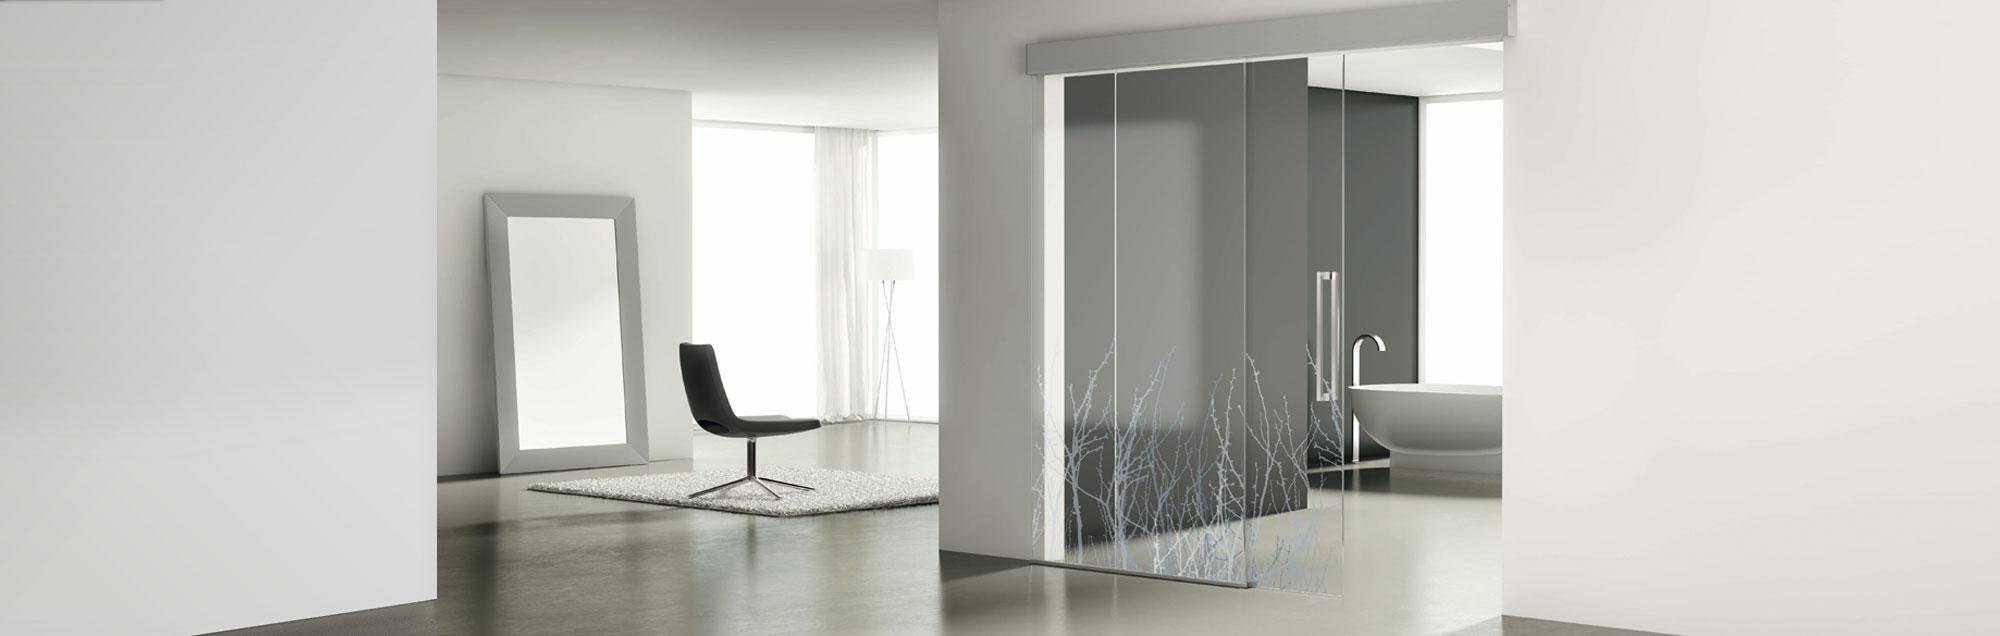 Série Luxor de portas corrediças de vidro por medida da PROFILTEK